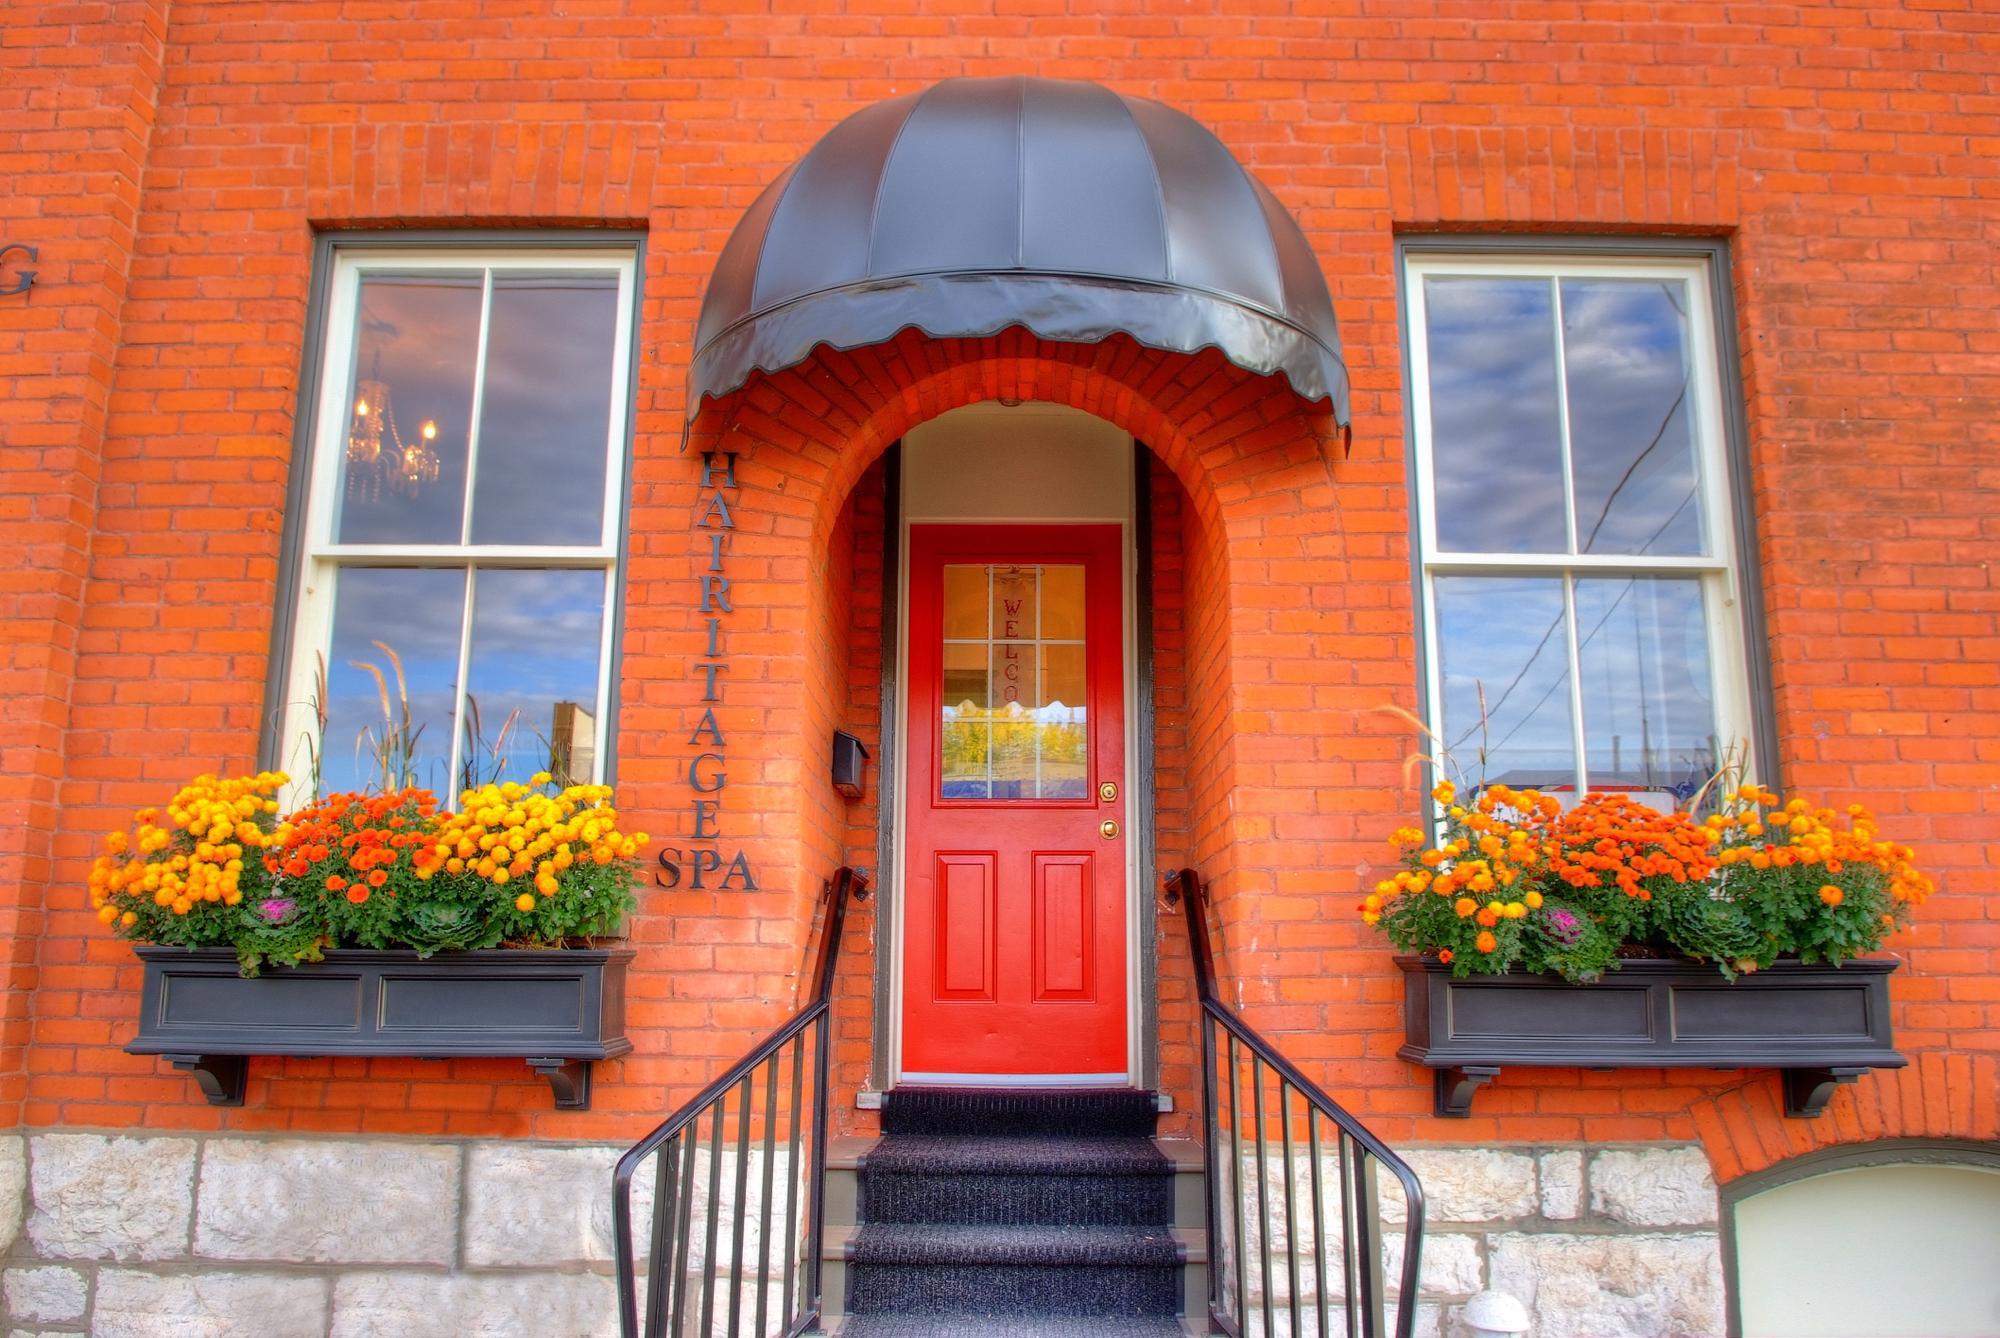 Design & Build Project: The Clark Building - Exterior Red Front Door